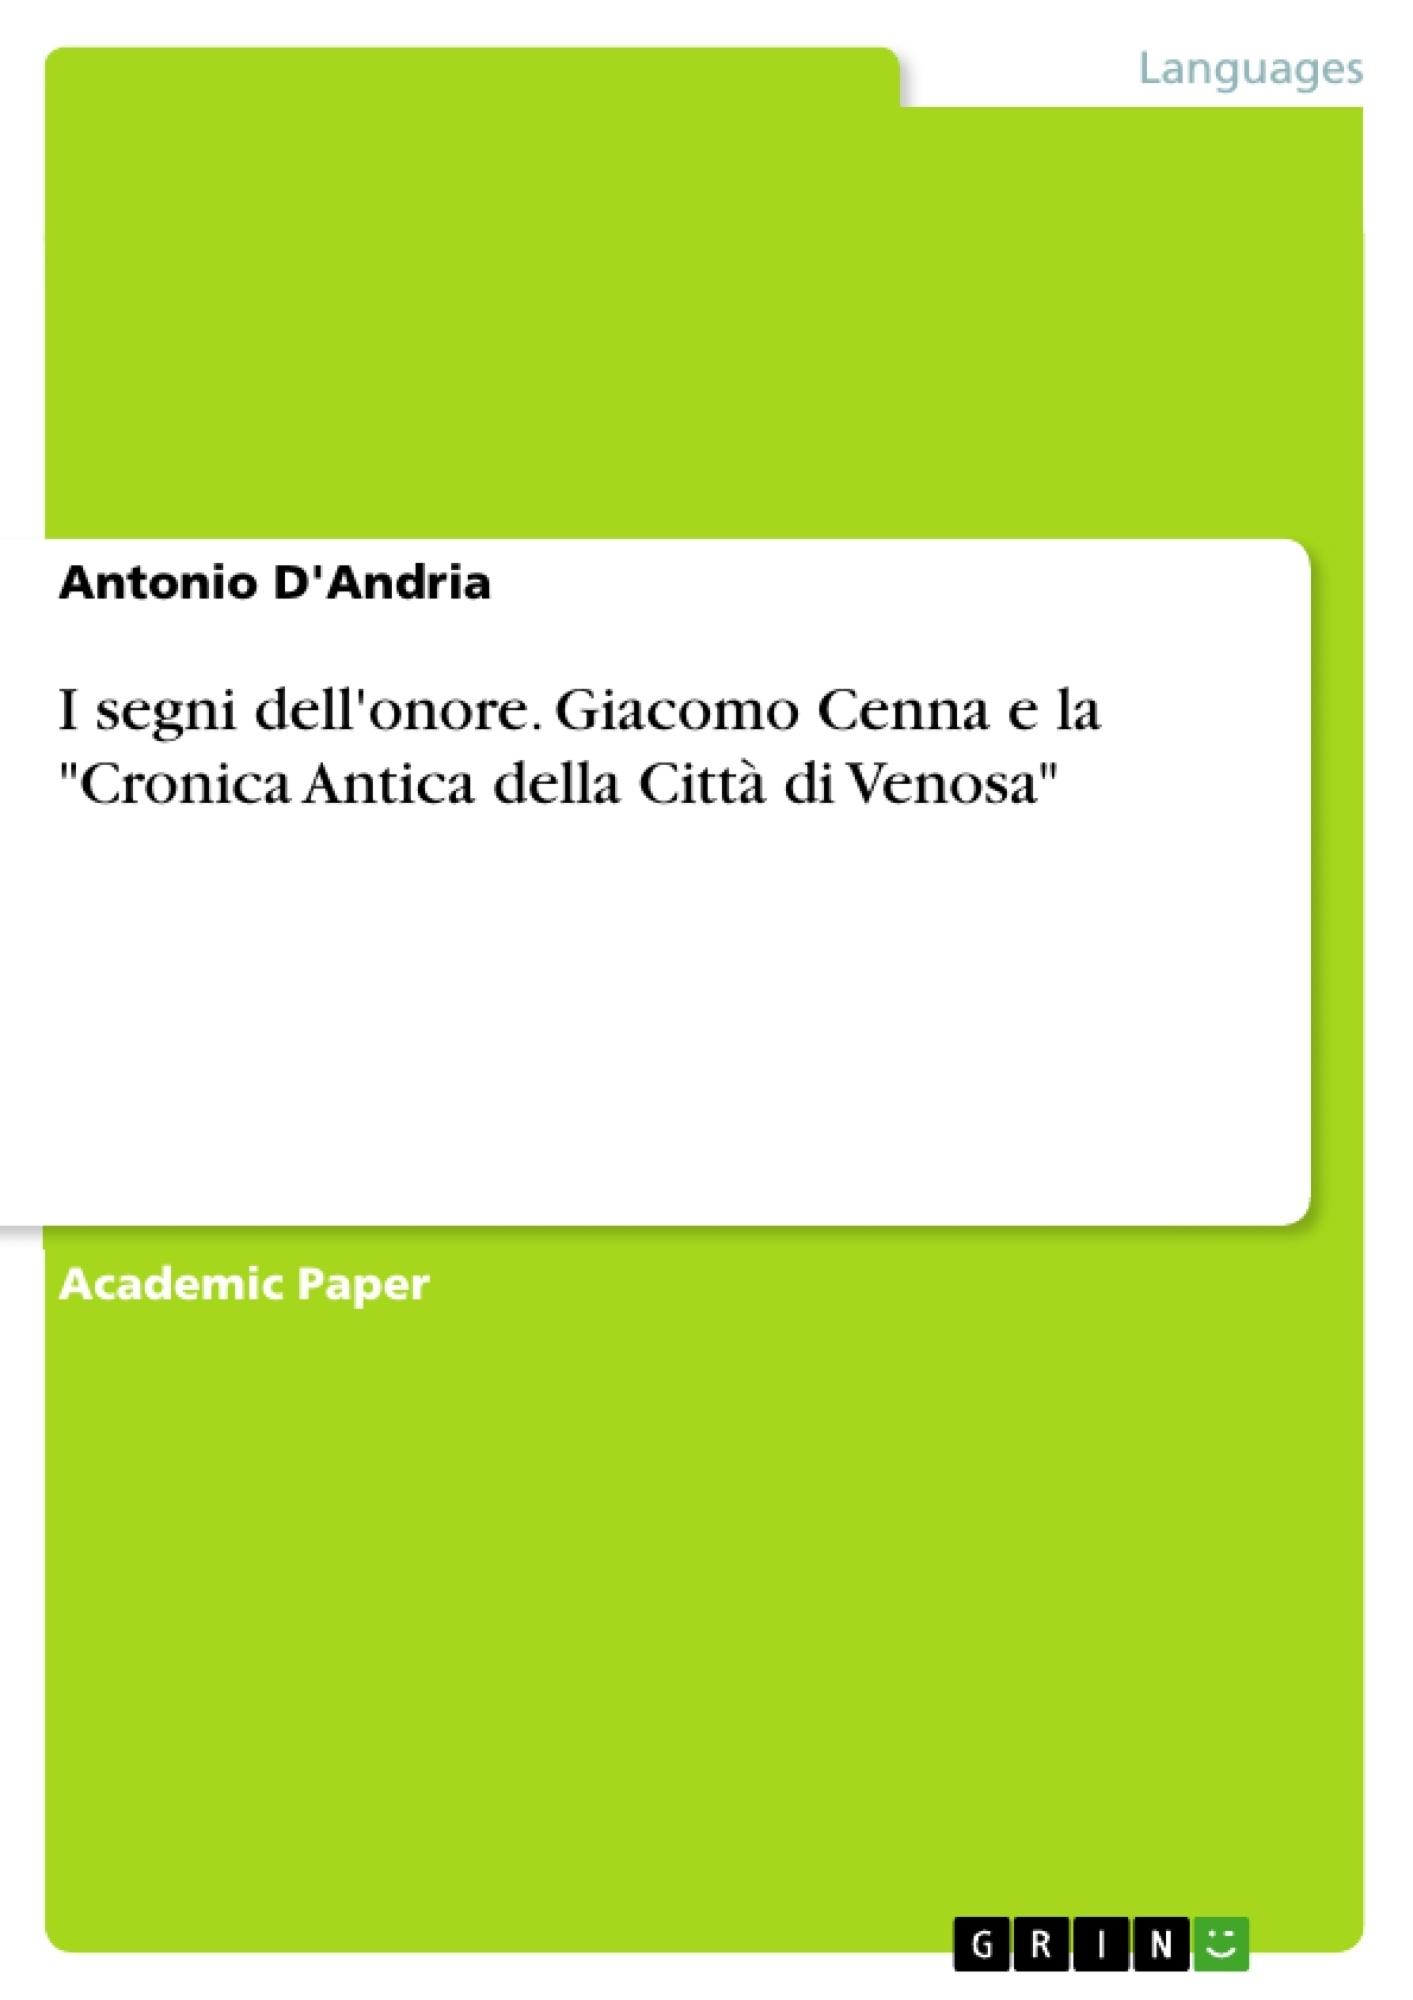 """Title: I segni dell'onore. Giacomo Cenna e la """"Cronica Antica della Città di Venosa"""""""